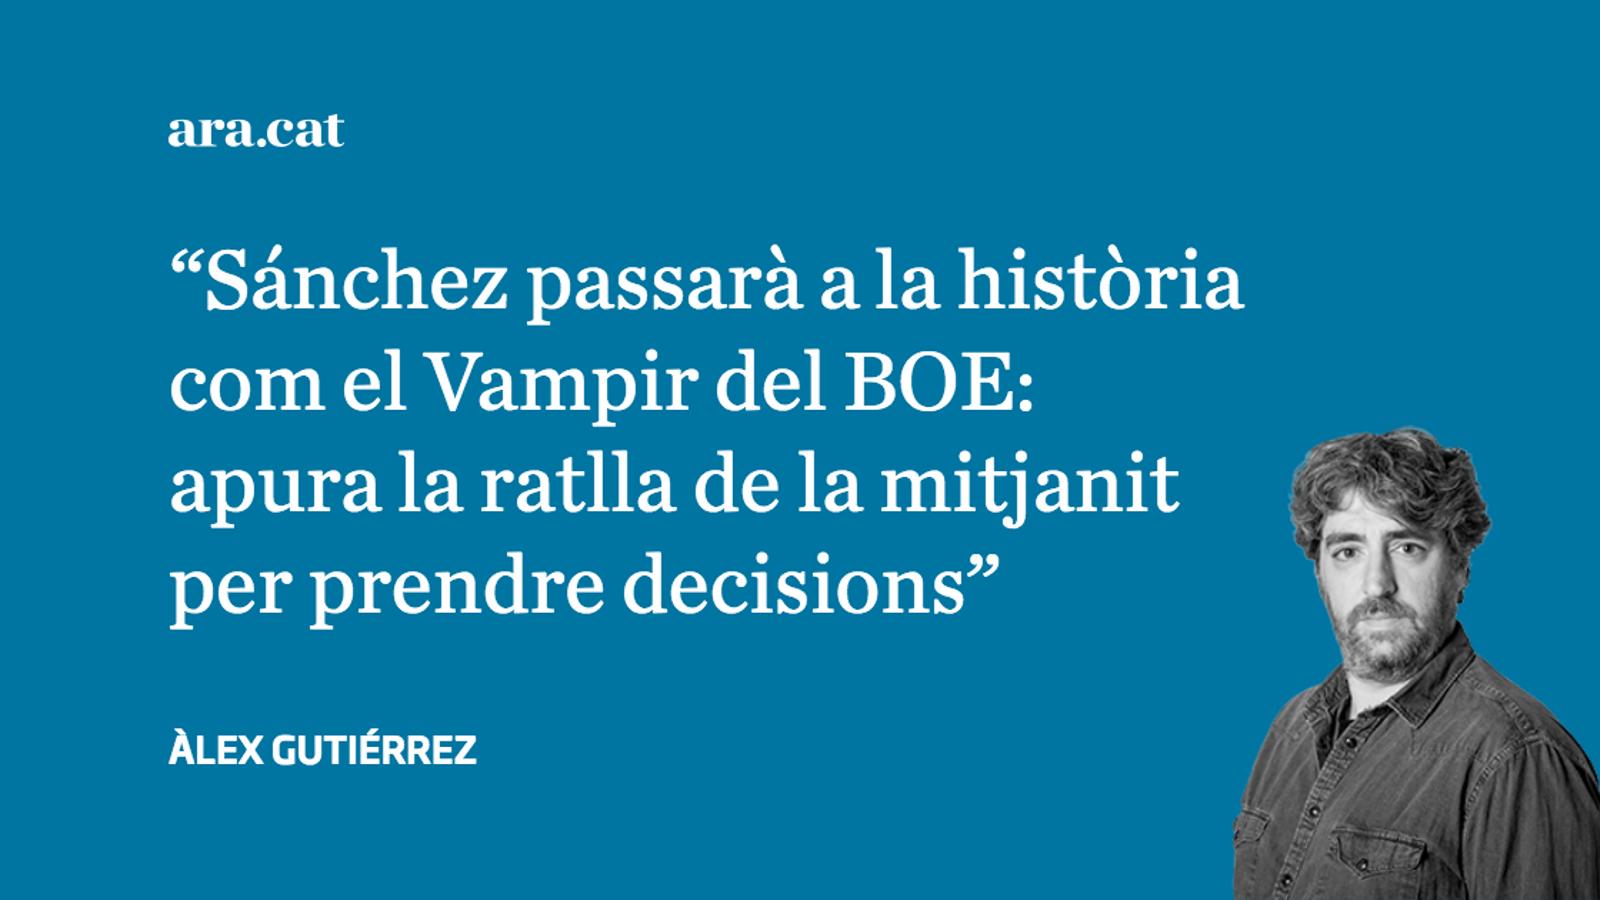 Els problemes de Sánchez i les seves decisions de mitjanit